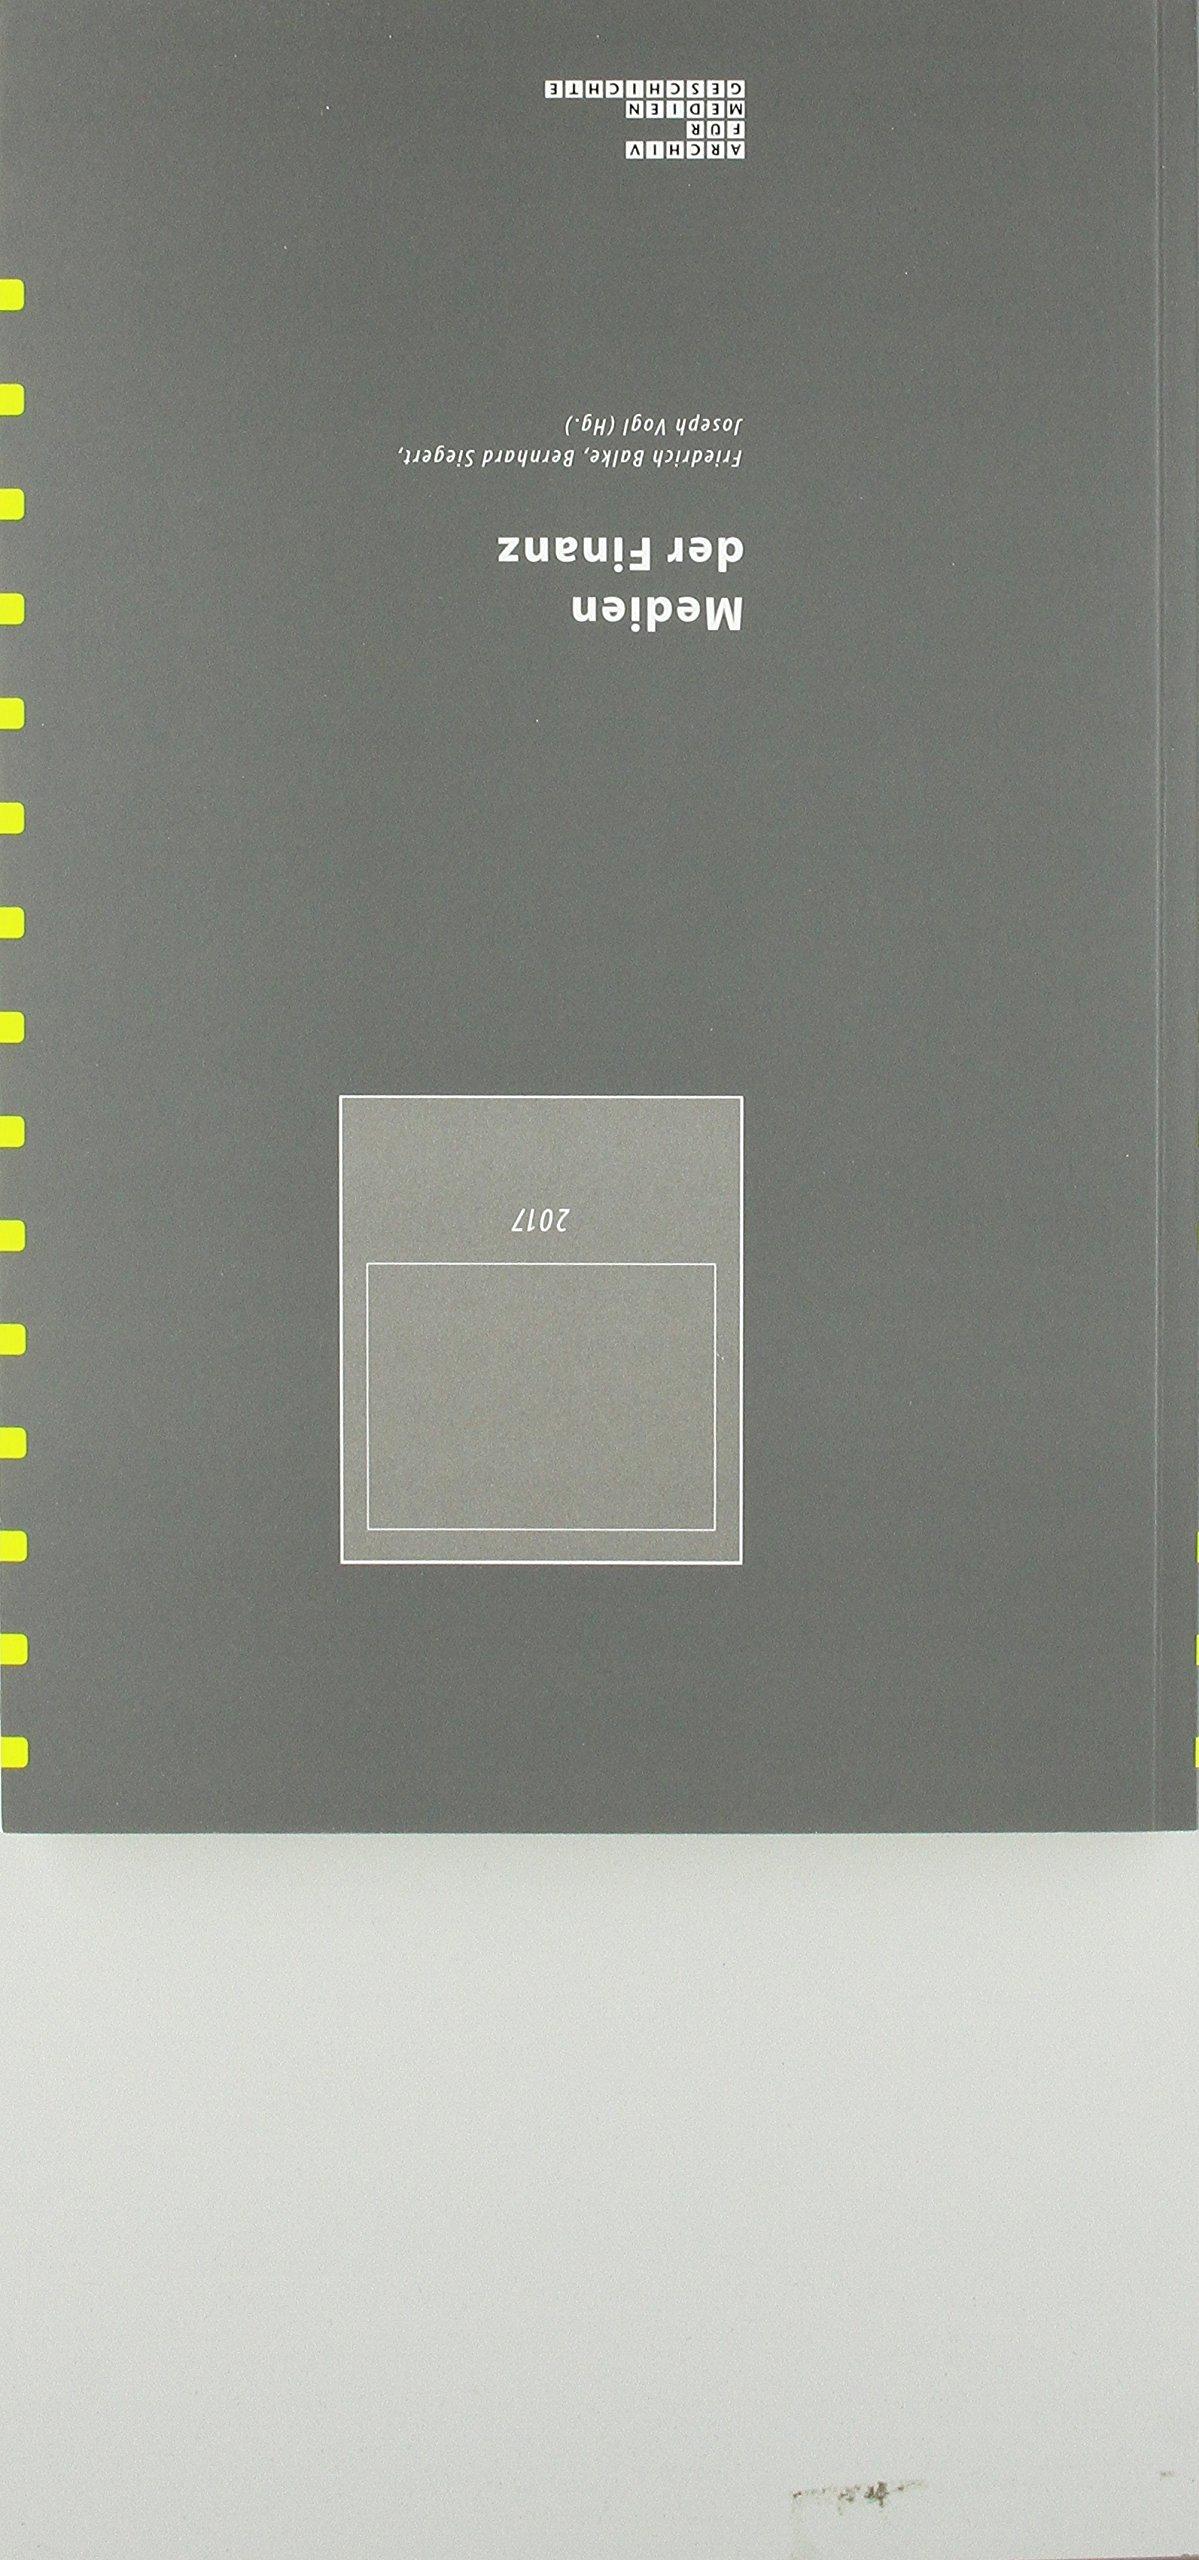 Medien der Finanz (Archiv für Mediengeschichte) Taschenbuch – 5. Februar 2018 Friedrich Balke Verlag Wilhelm Fink 3770563301 Lexika